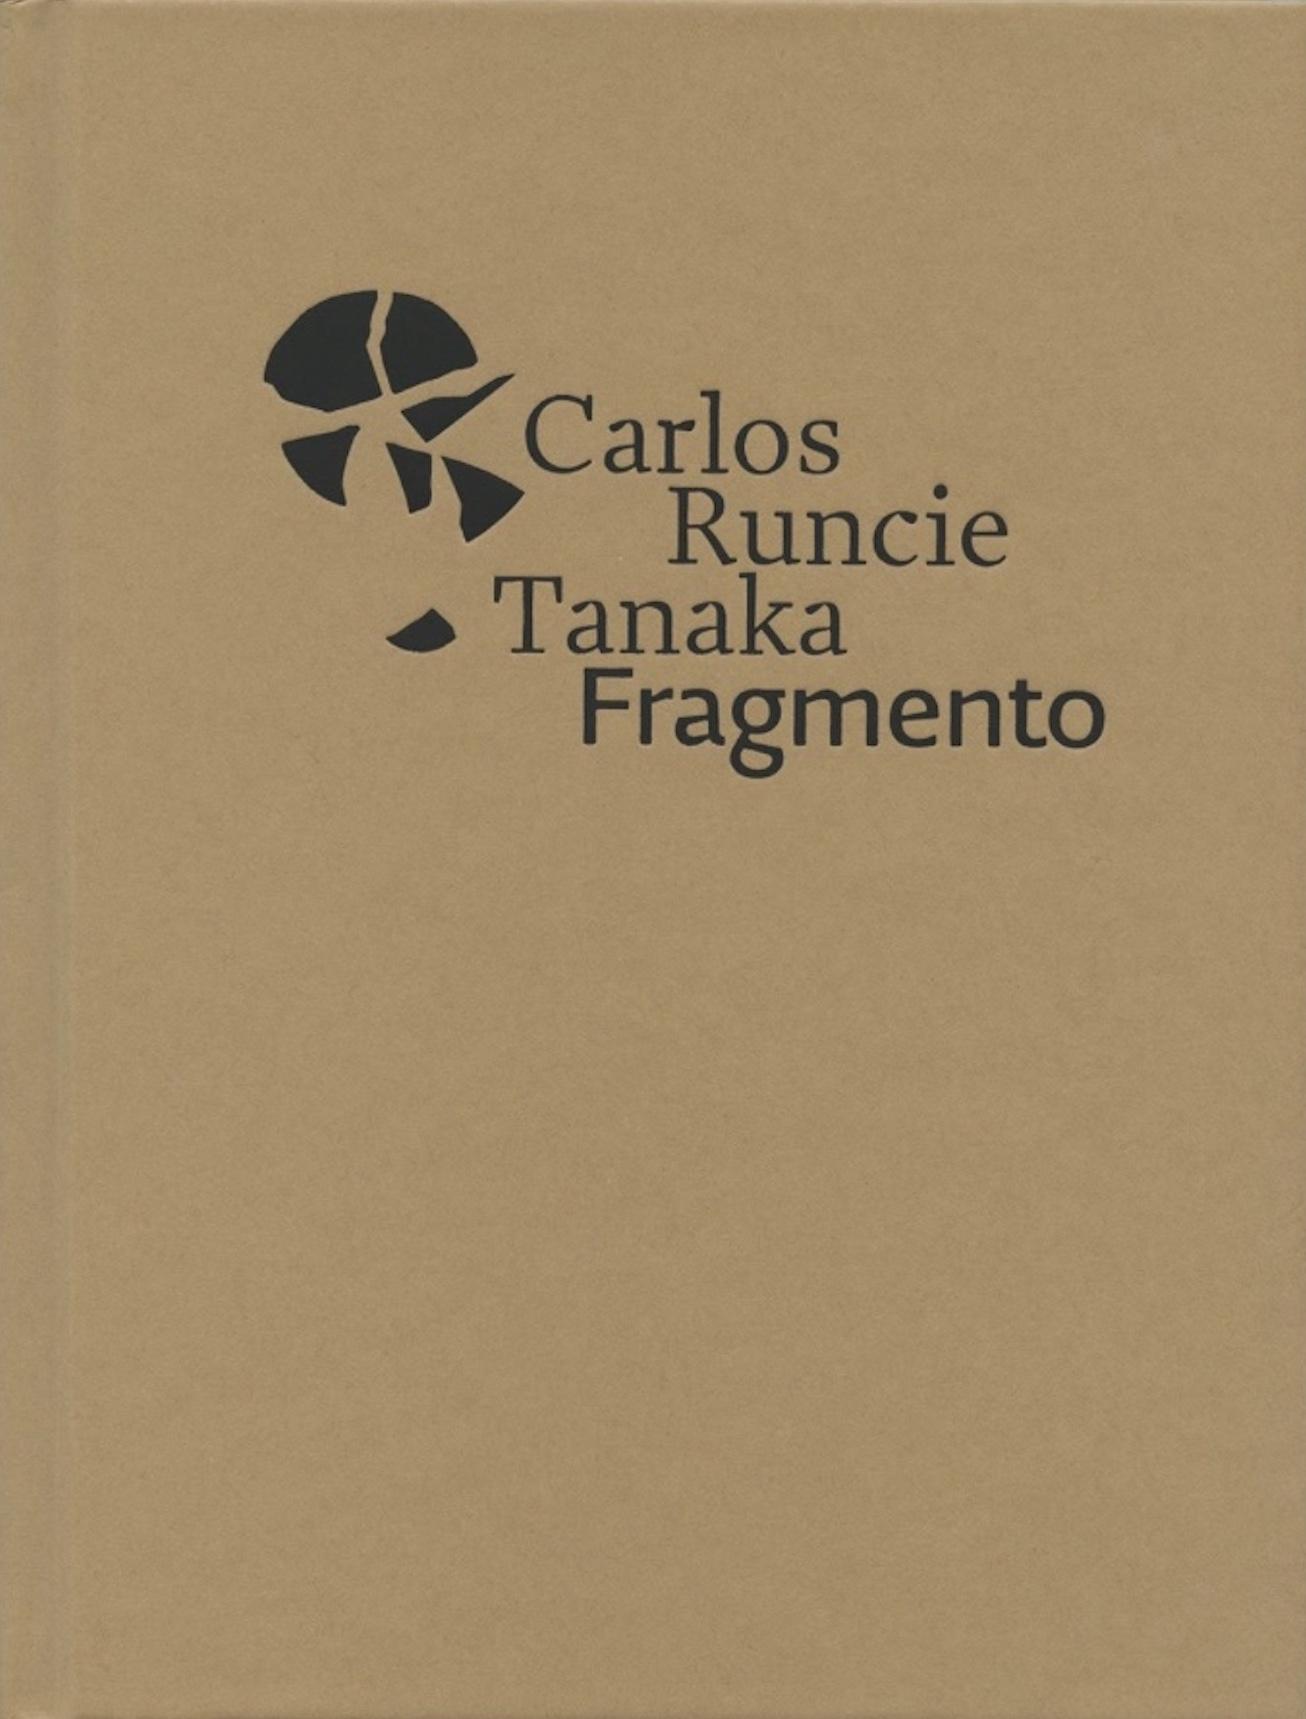 Carlos Runcie Tanaka.jpeg